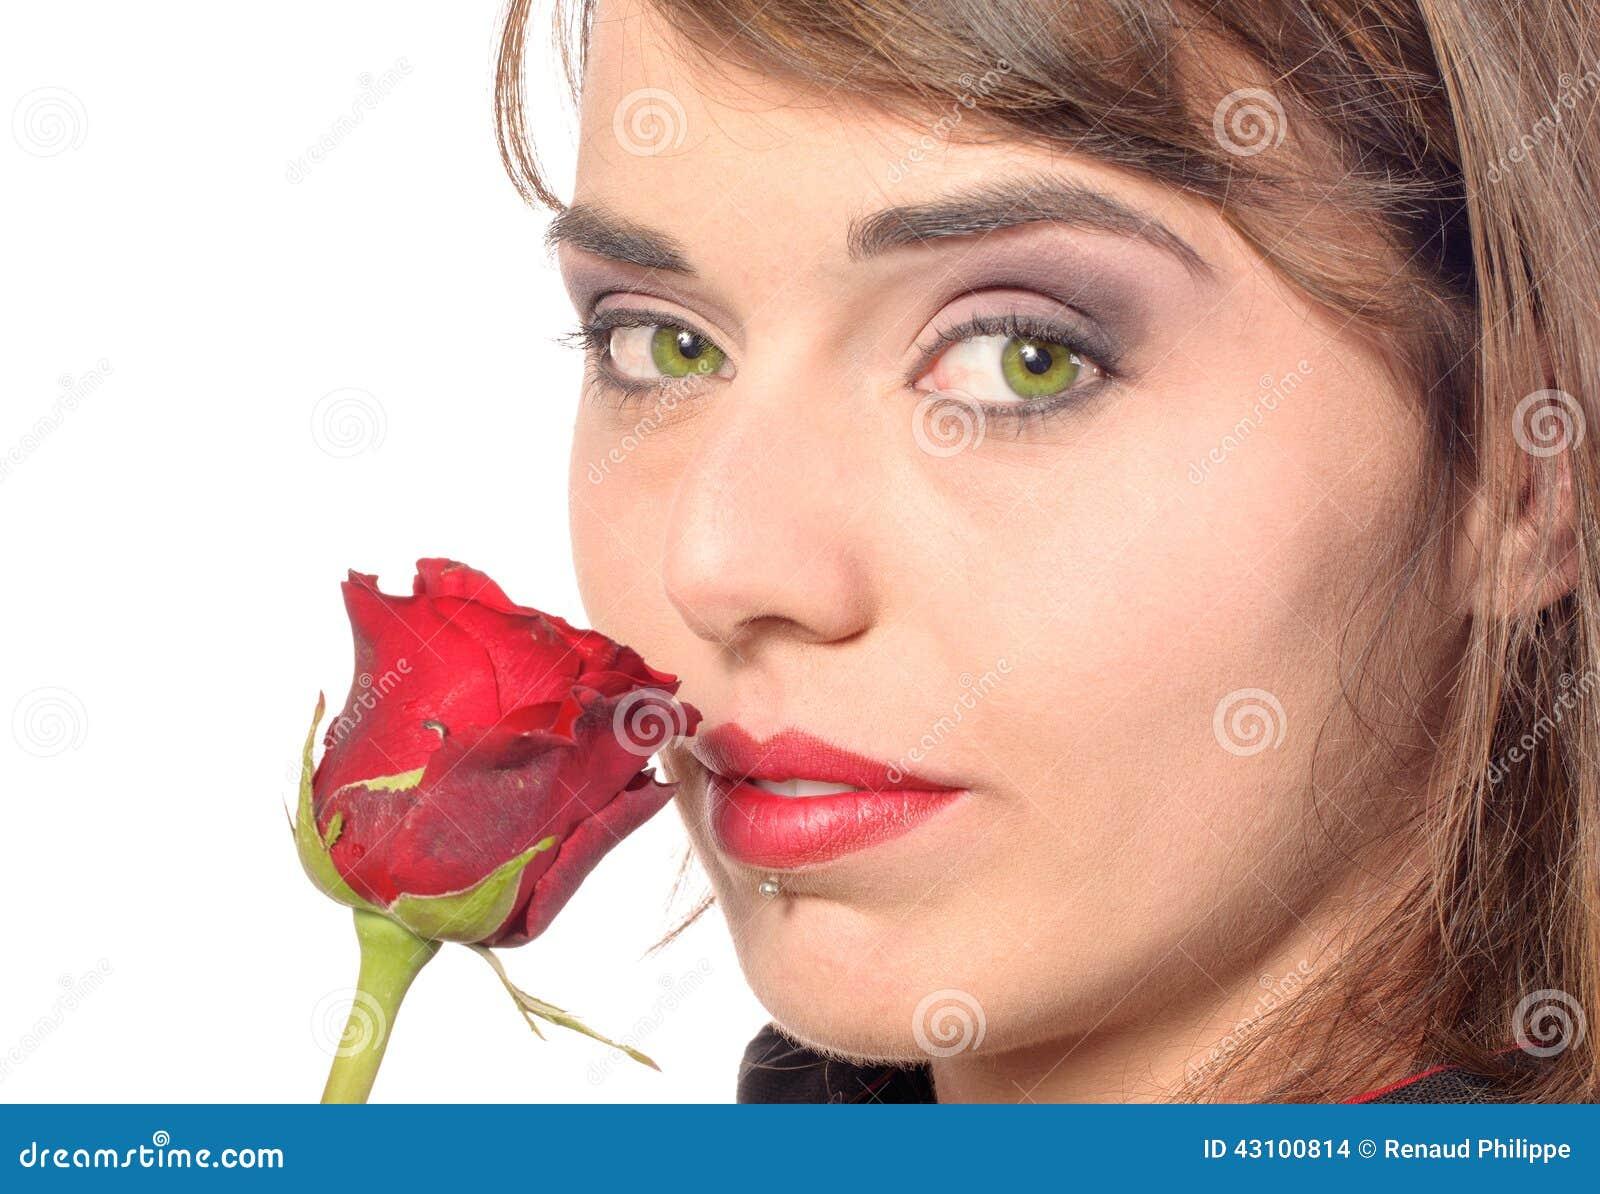 Lächelndes Mädchen kleidete in den Geruchen eines Schwarzkaps eine <b>rote Rose</b> - l%25C3%25A4chelndes-m%25C3%25A4dchen-kleidete-den-geruchen-eines-schwarzkaps-eine-rote-rose-43100814